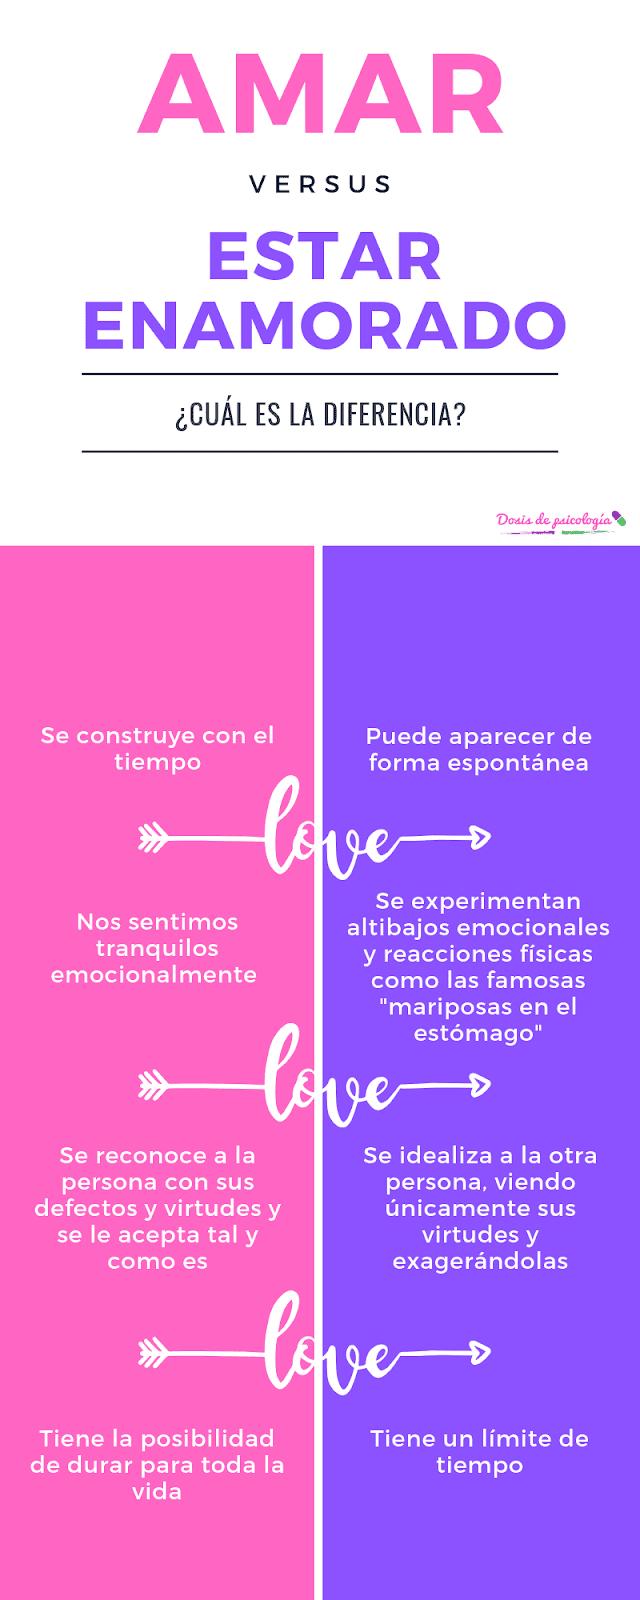 Amar Y Estar Enamorado A Cuál Es La Diferencia Desarrollo Personal Blog Dosis De Psicología